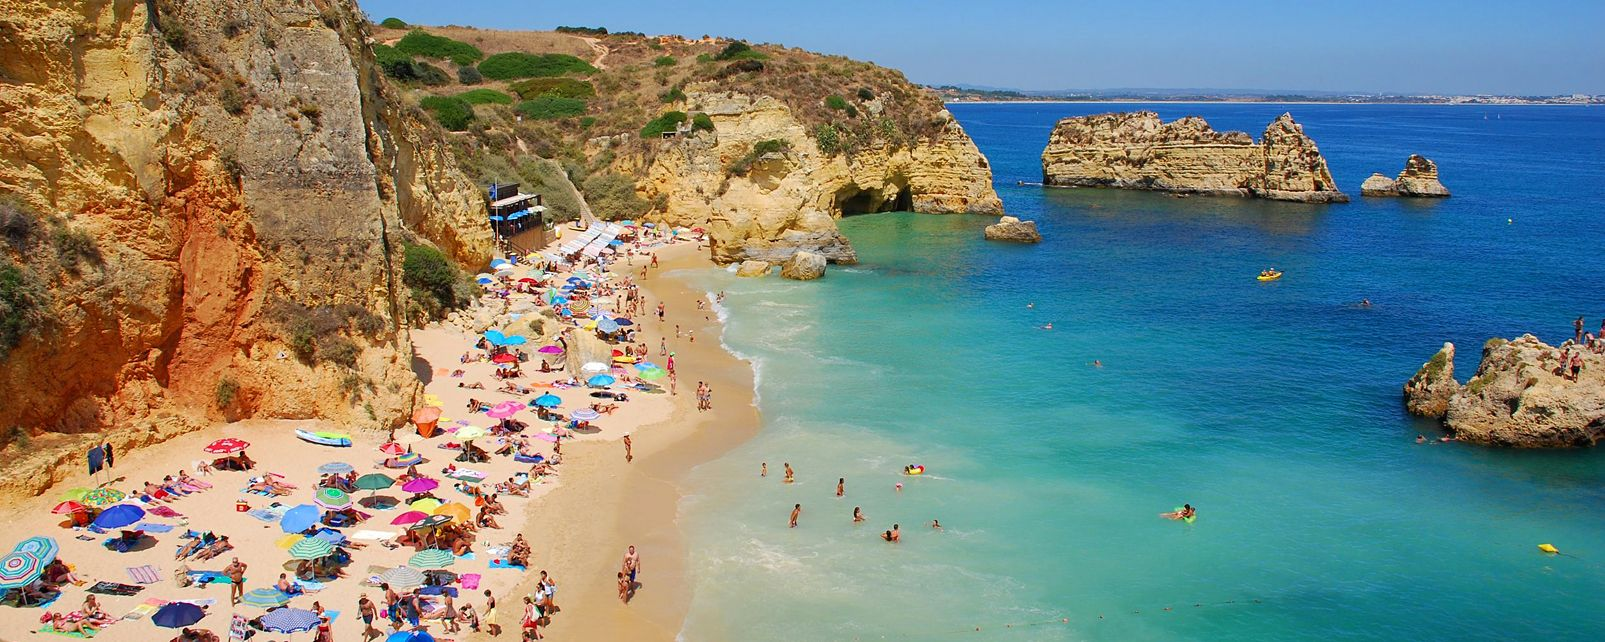 Plus Belles Villes De L Algarve